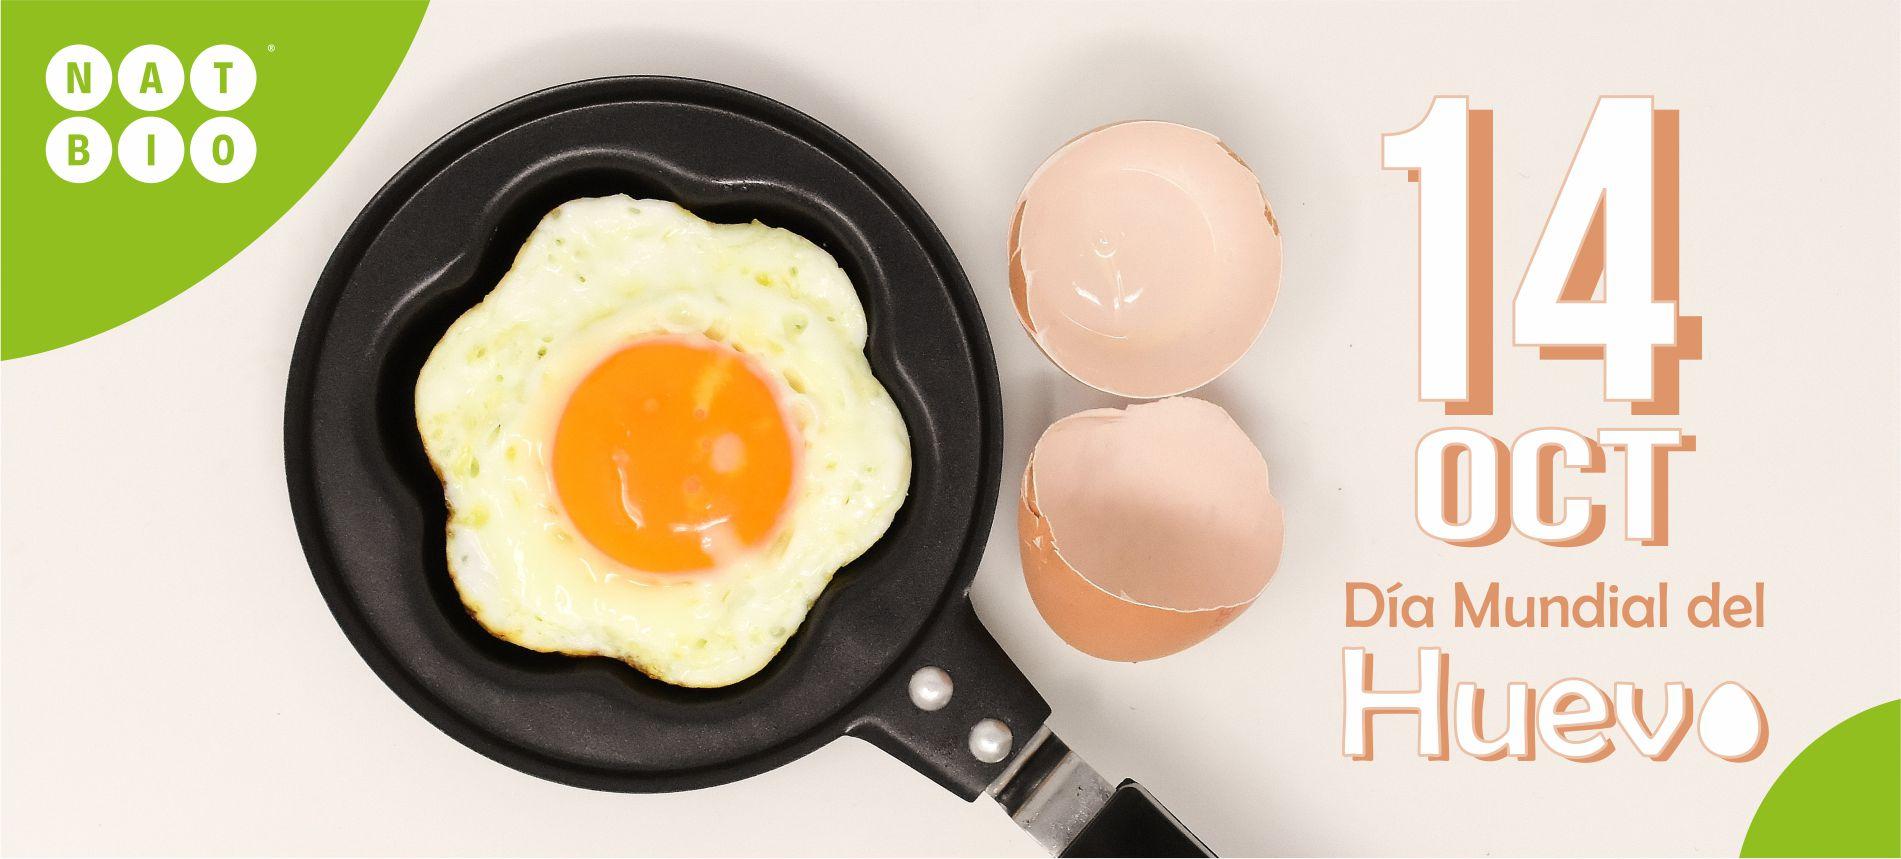 ¿Sabe usted cuales son las características de un huevo fresco?